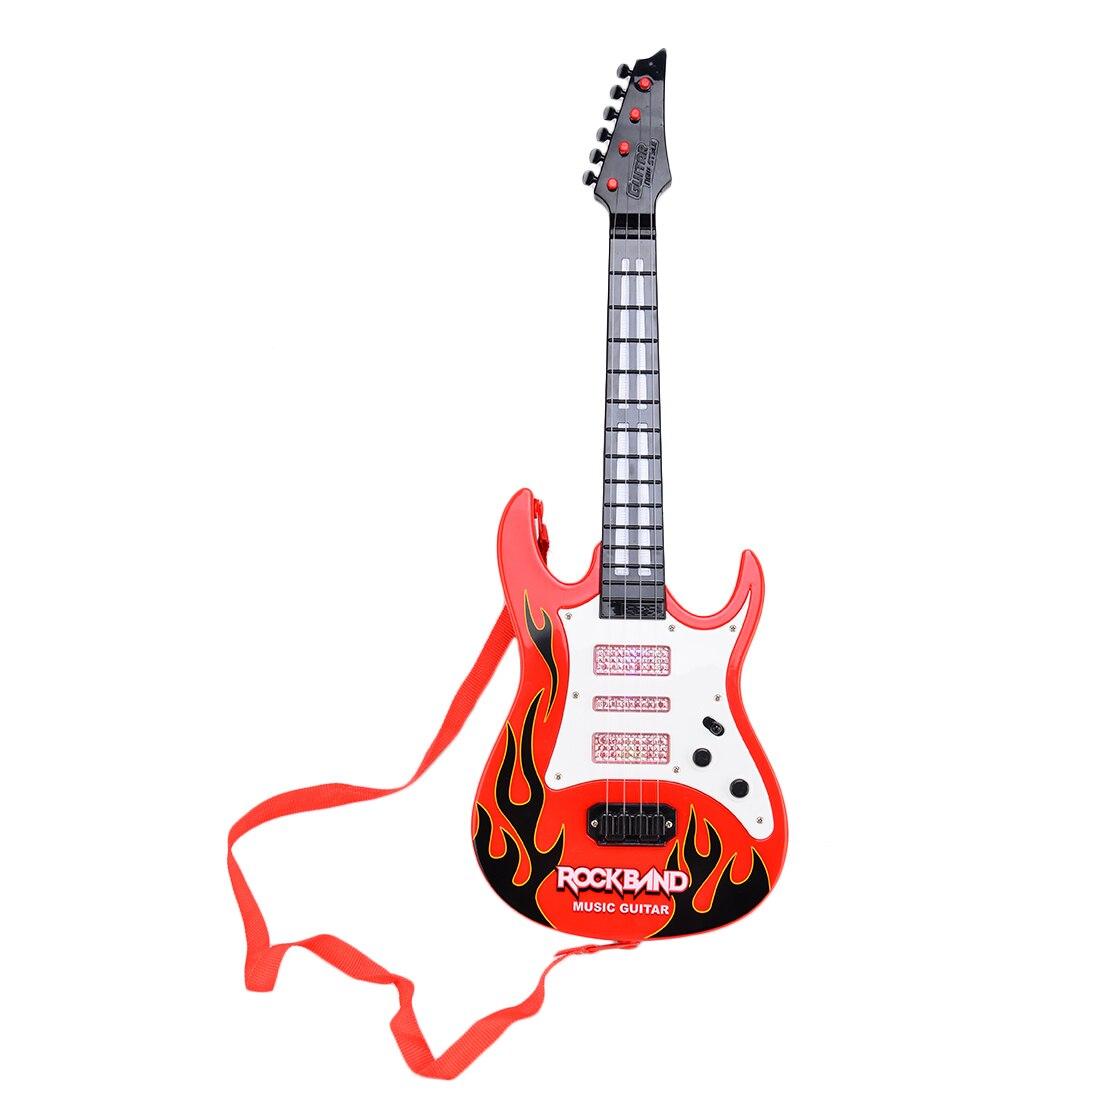 Alta Qualidade 4 Cordas Da Guitarra Elétrica Da Música Crianças Instrumentos Musicais Brinquedos Educativos Para As Crianças Como Presentes de Ano Novo